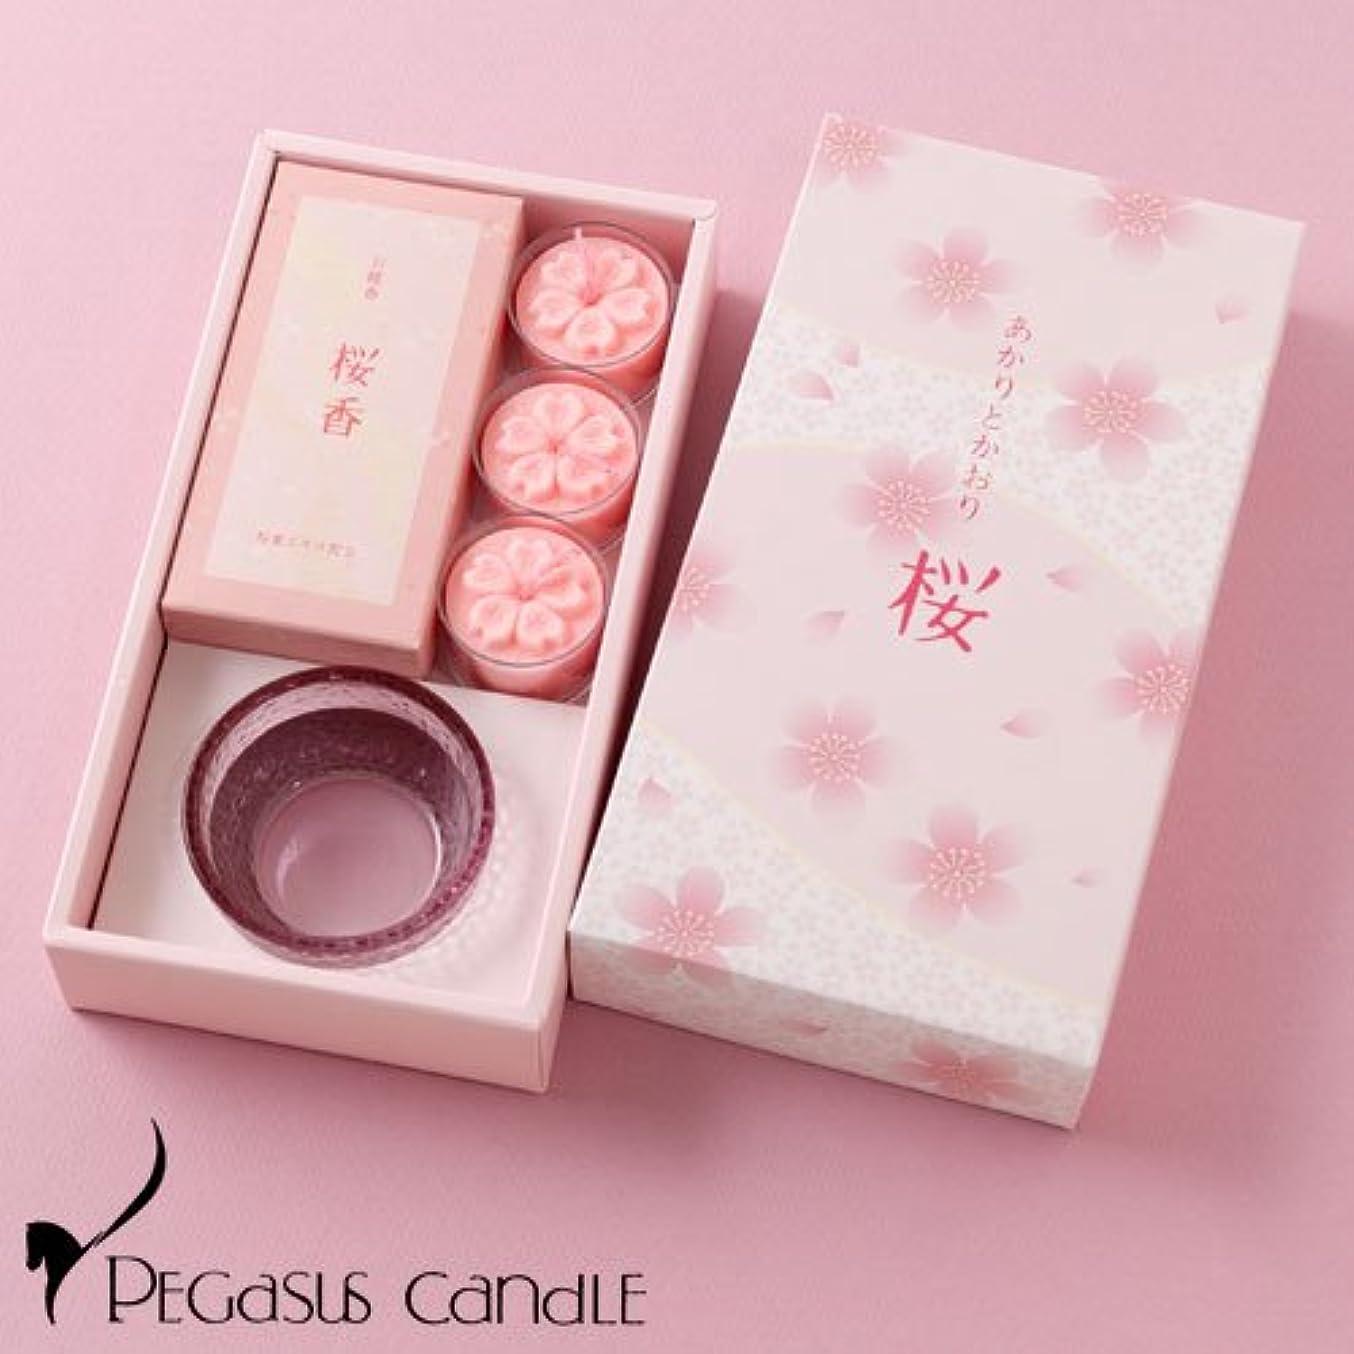 征服者適用済み流暢あかりとかおり桜キャンドルと線香のセットペガサスキャンドルCandle and incense set